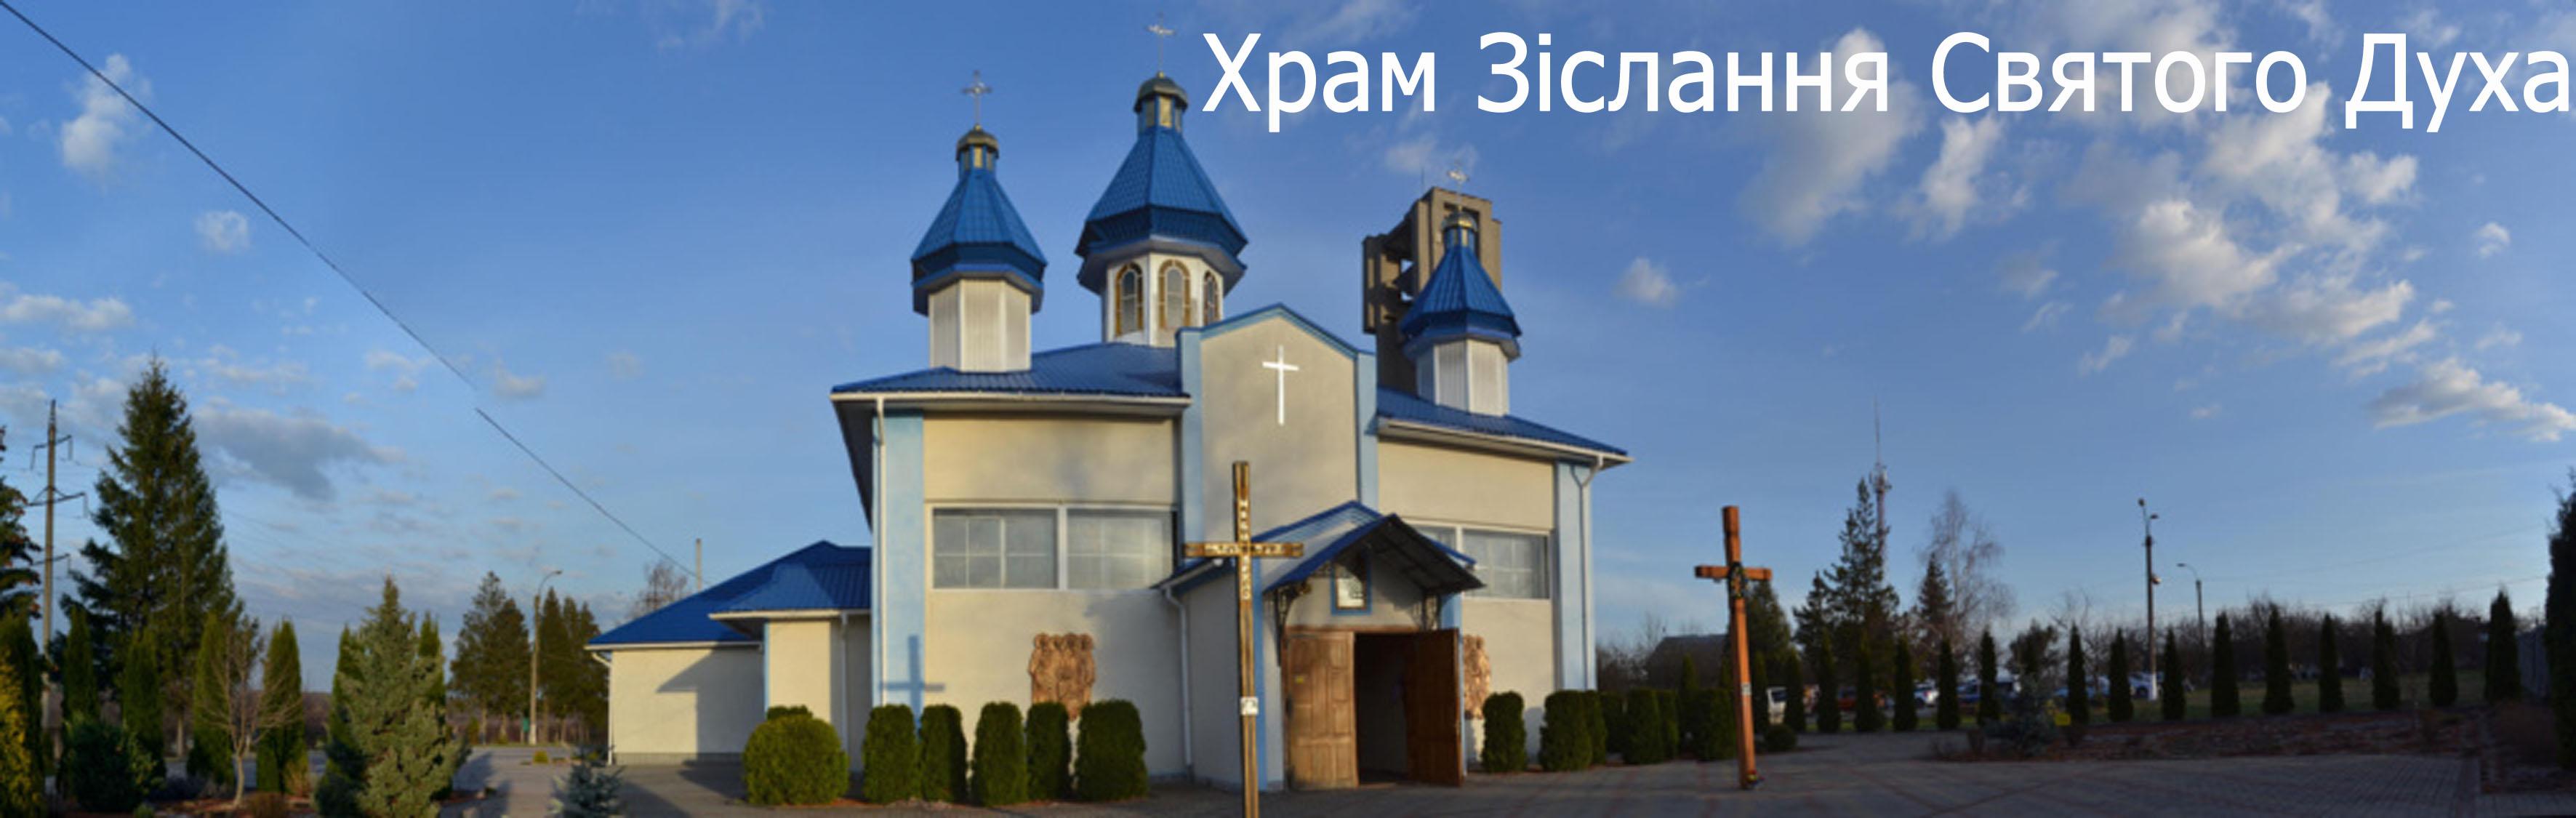 Храм Зіслання Святого Духа